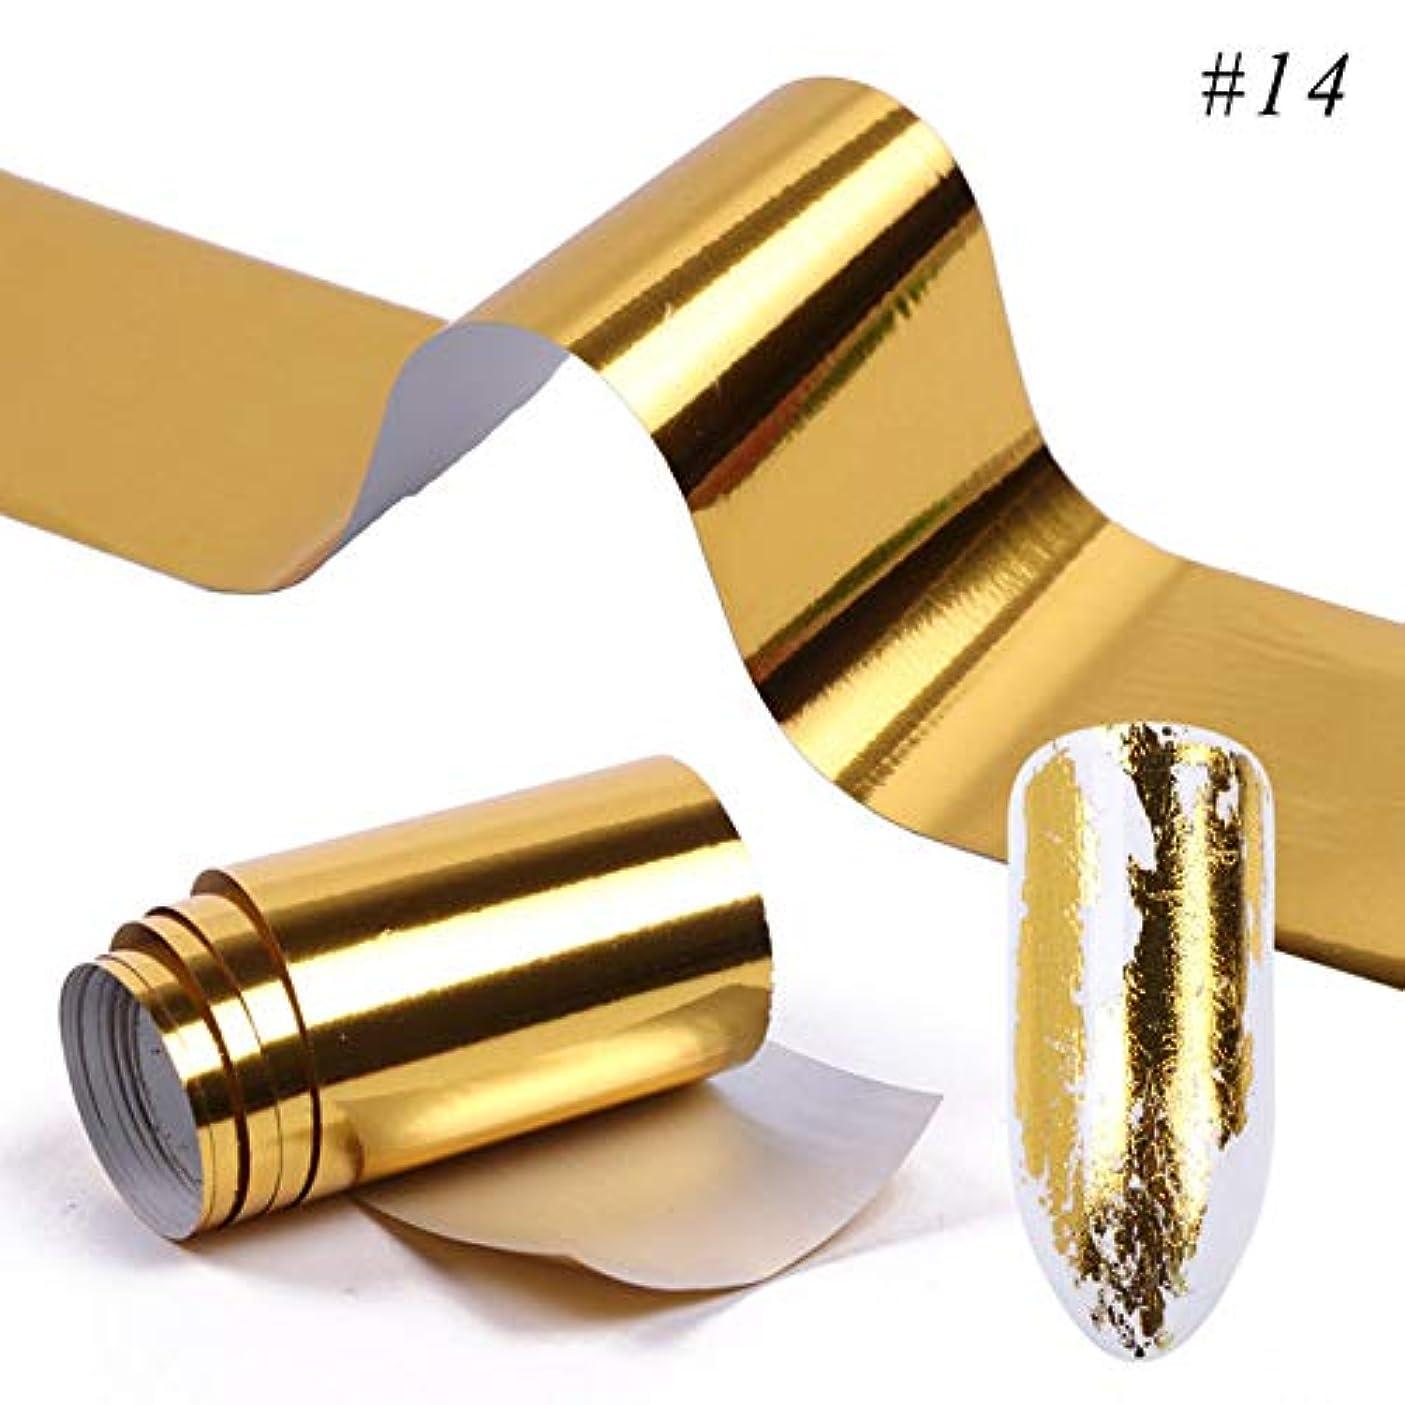 遮る救出有利SUKTI&XIAO ネイルステッカー 1ピース光沢ネイル箔金属カラフルな星空転送ステッカースライダーネイルアートペーパークラフトデカールマニキュア装飾